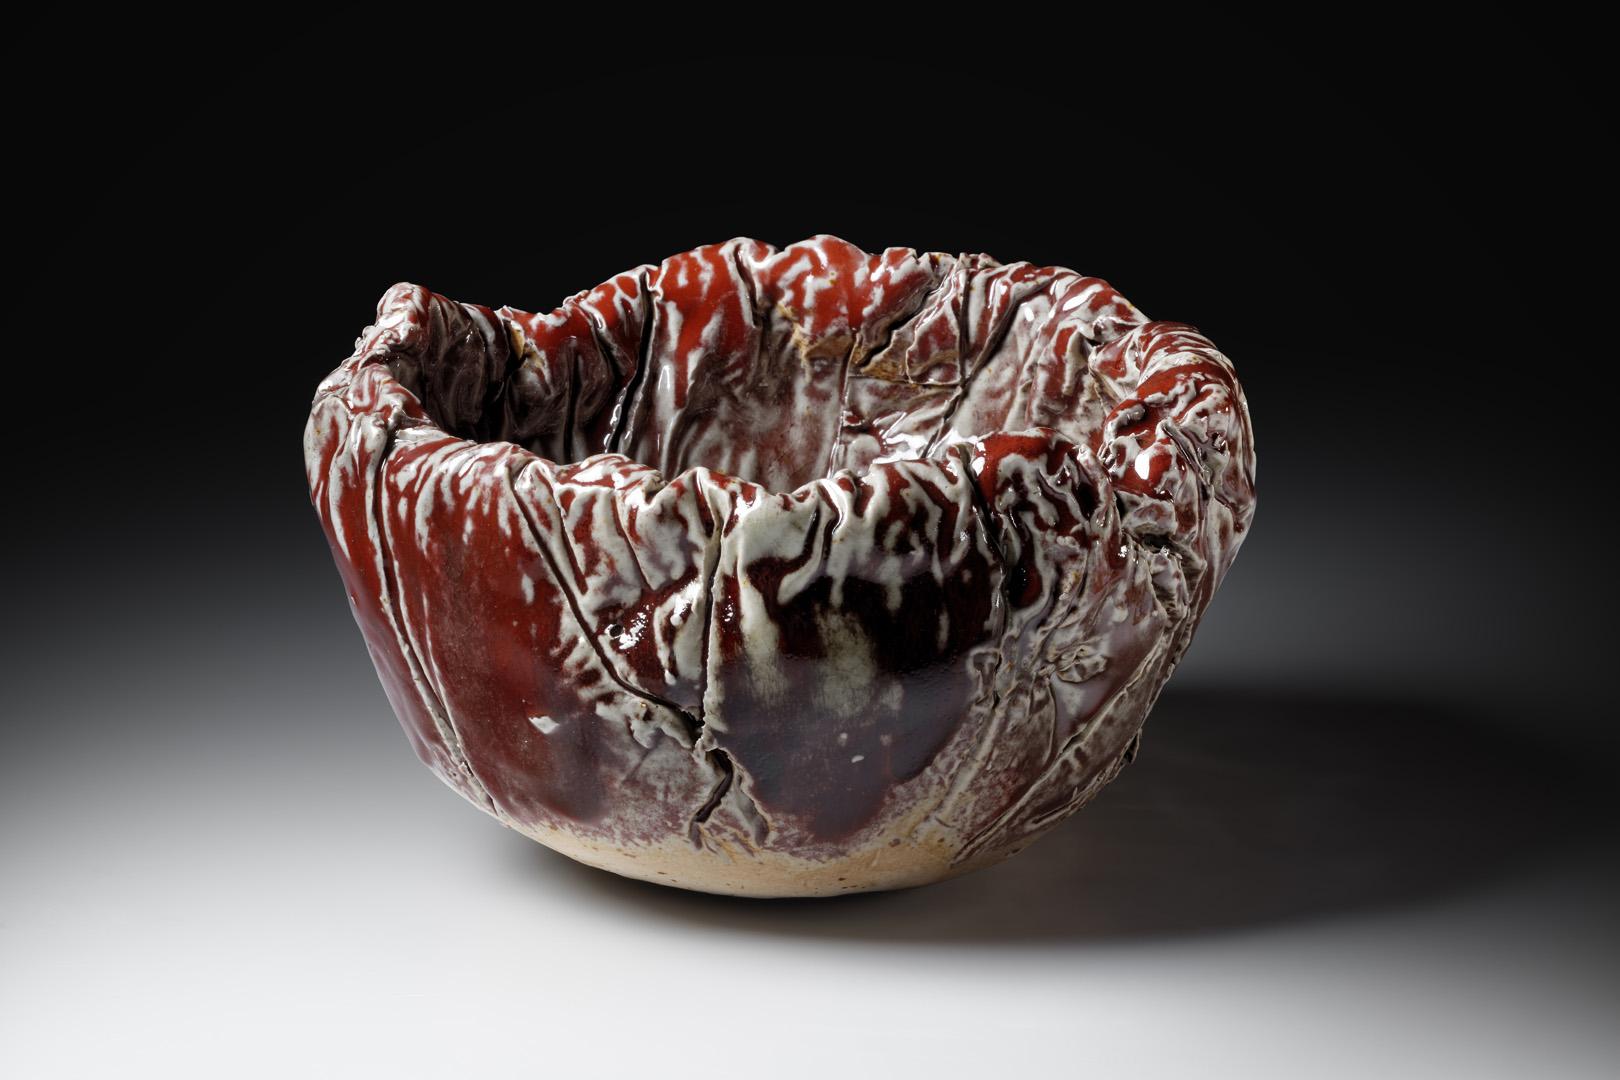 Fleischtopf 1; H 11,5 cm – 9 cm; Durchmesser 20 cm; Steinzeug, Reduktionsbrand 1280; 2016;